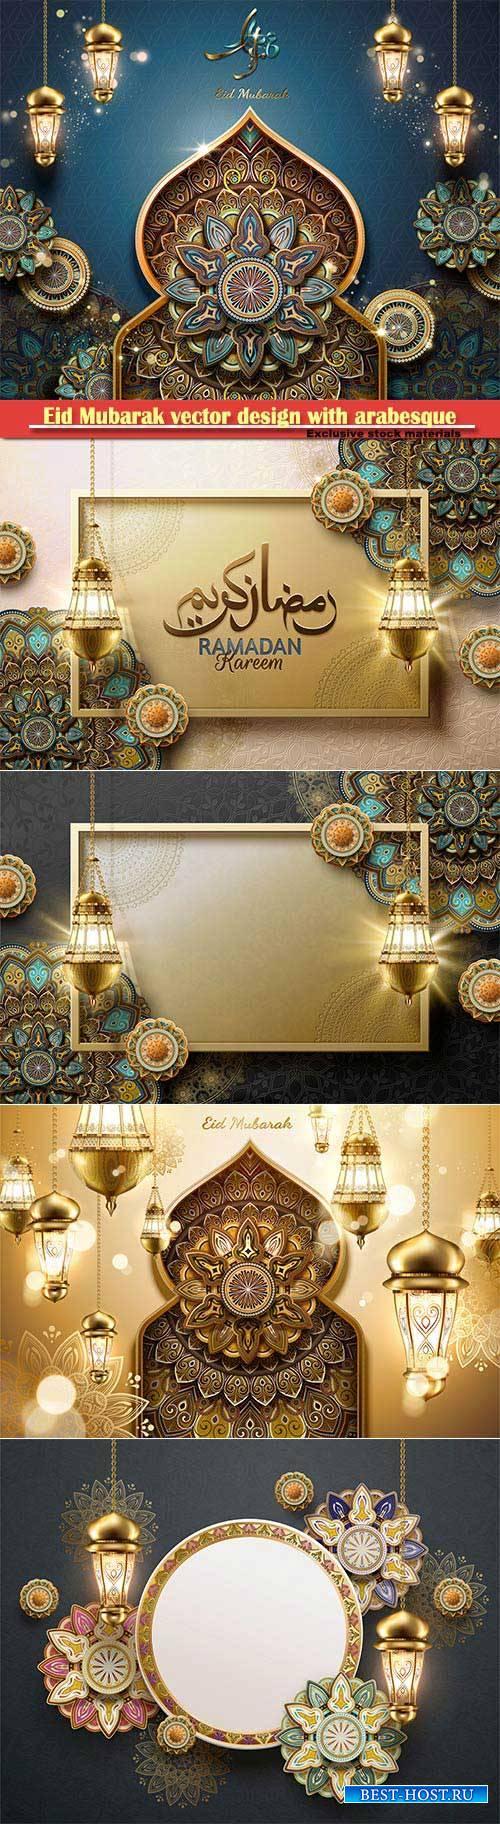 Eid Mubarak vector design with arabesque